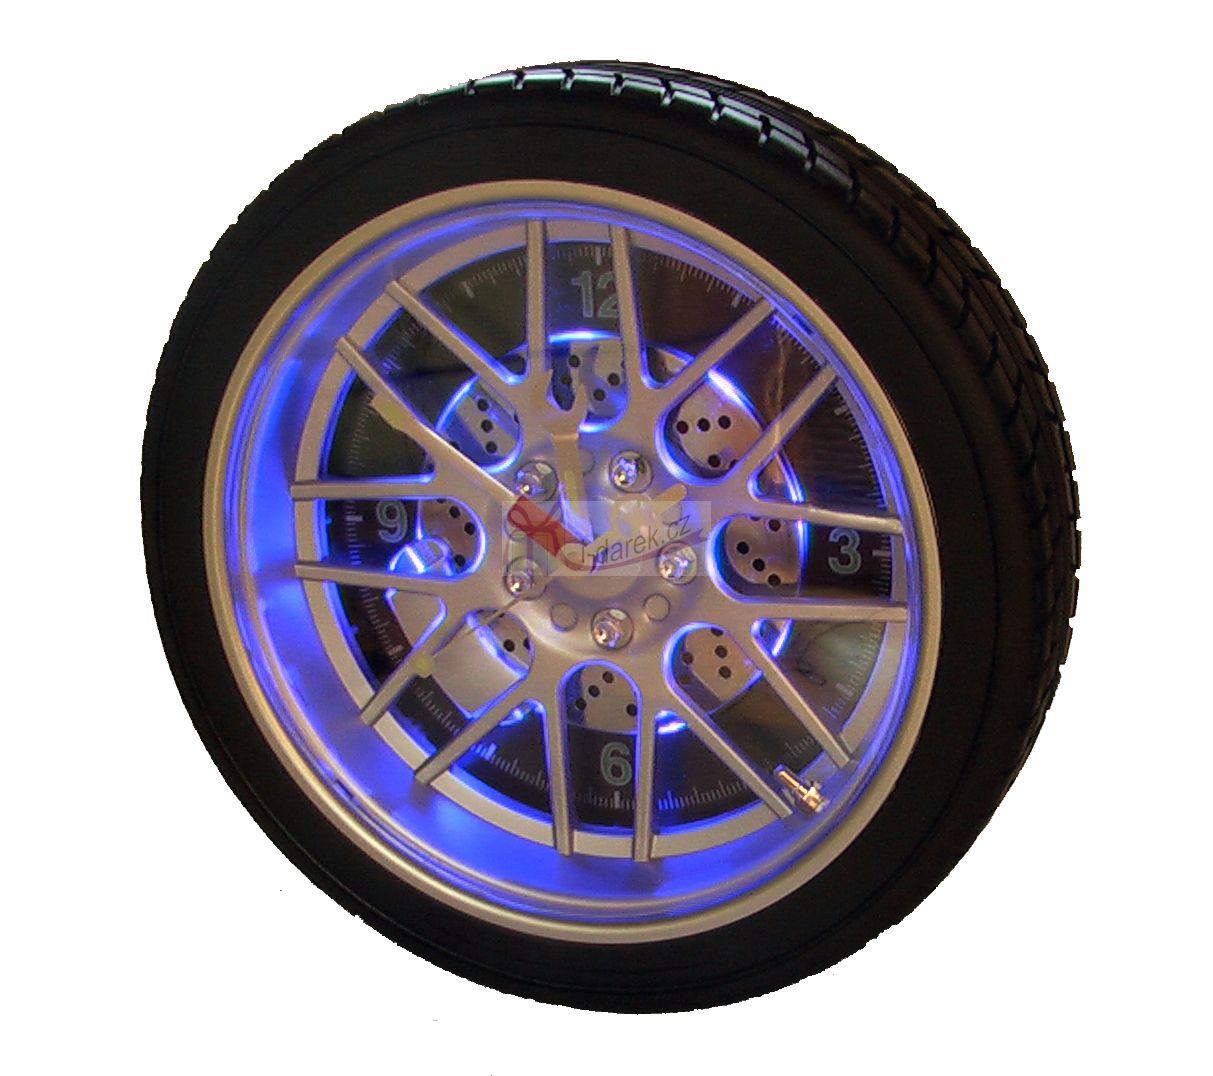 Nástěnné hodiny tvar pneumatika - podsvícené